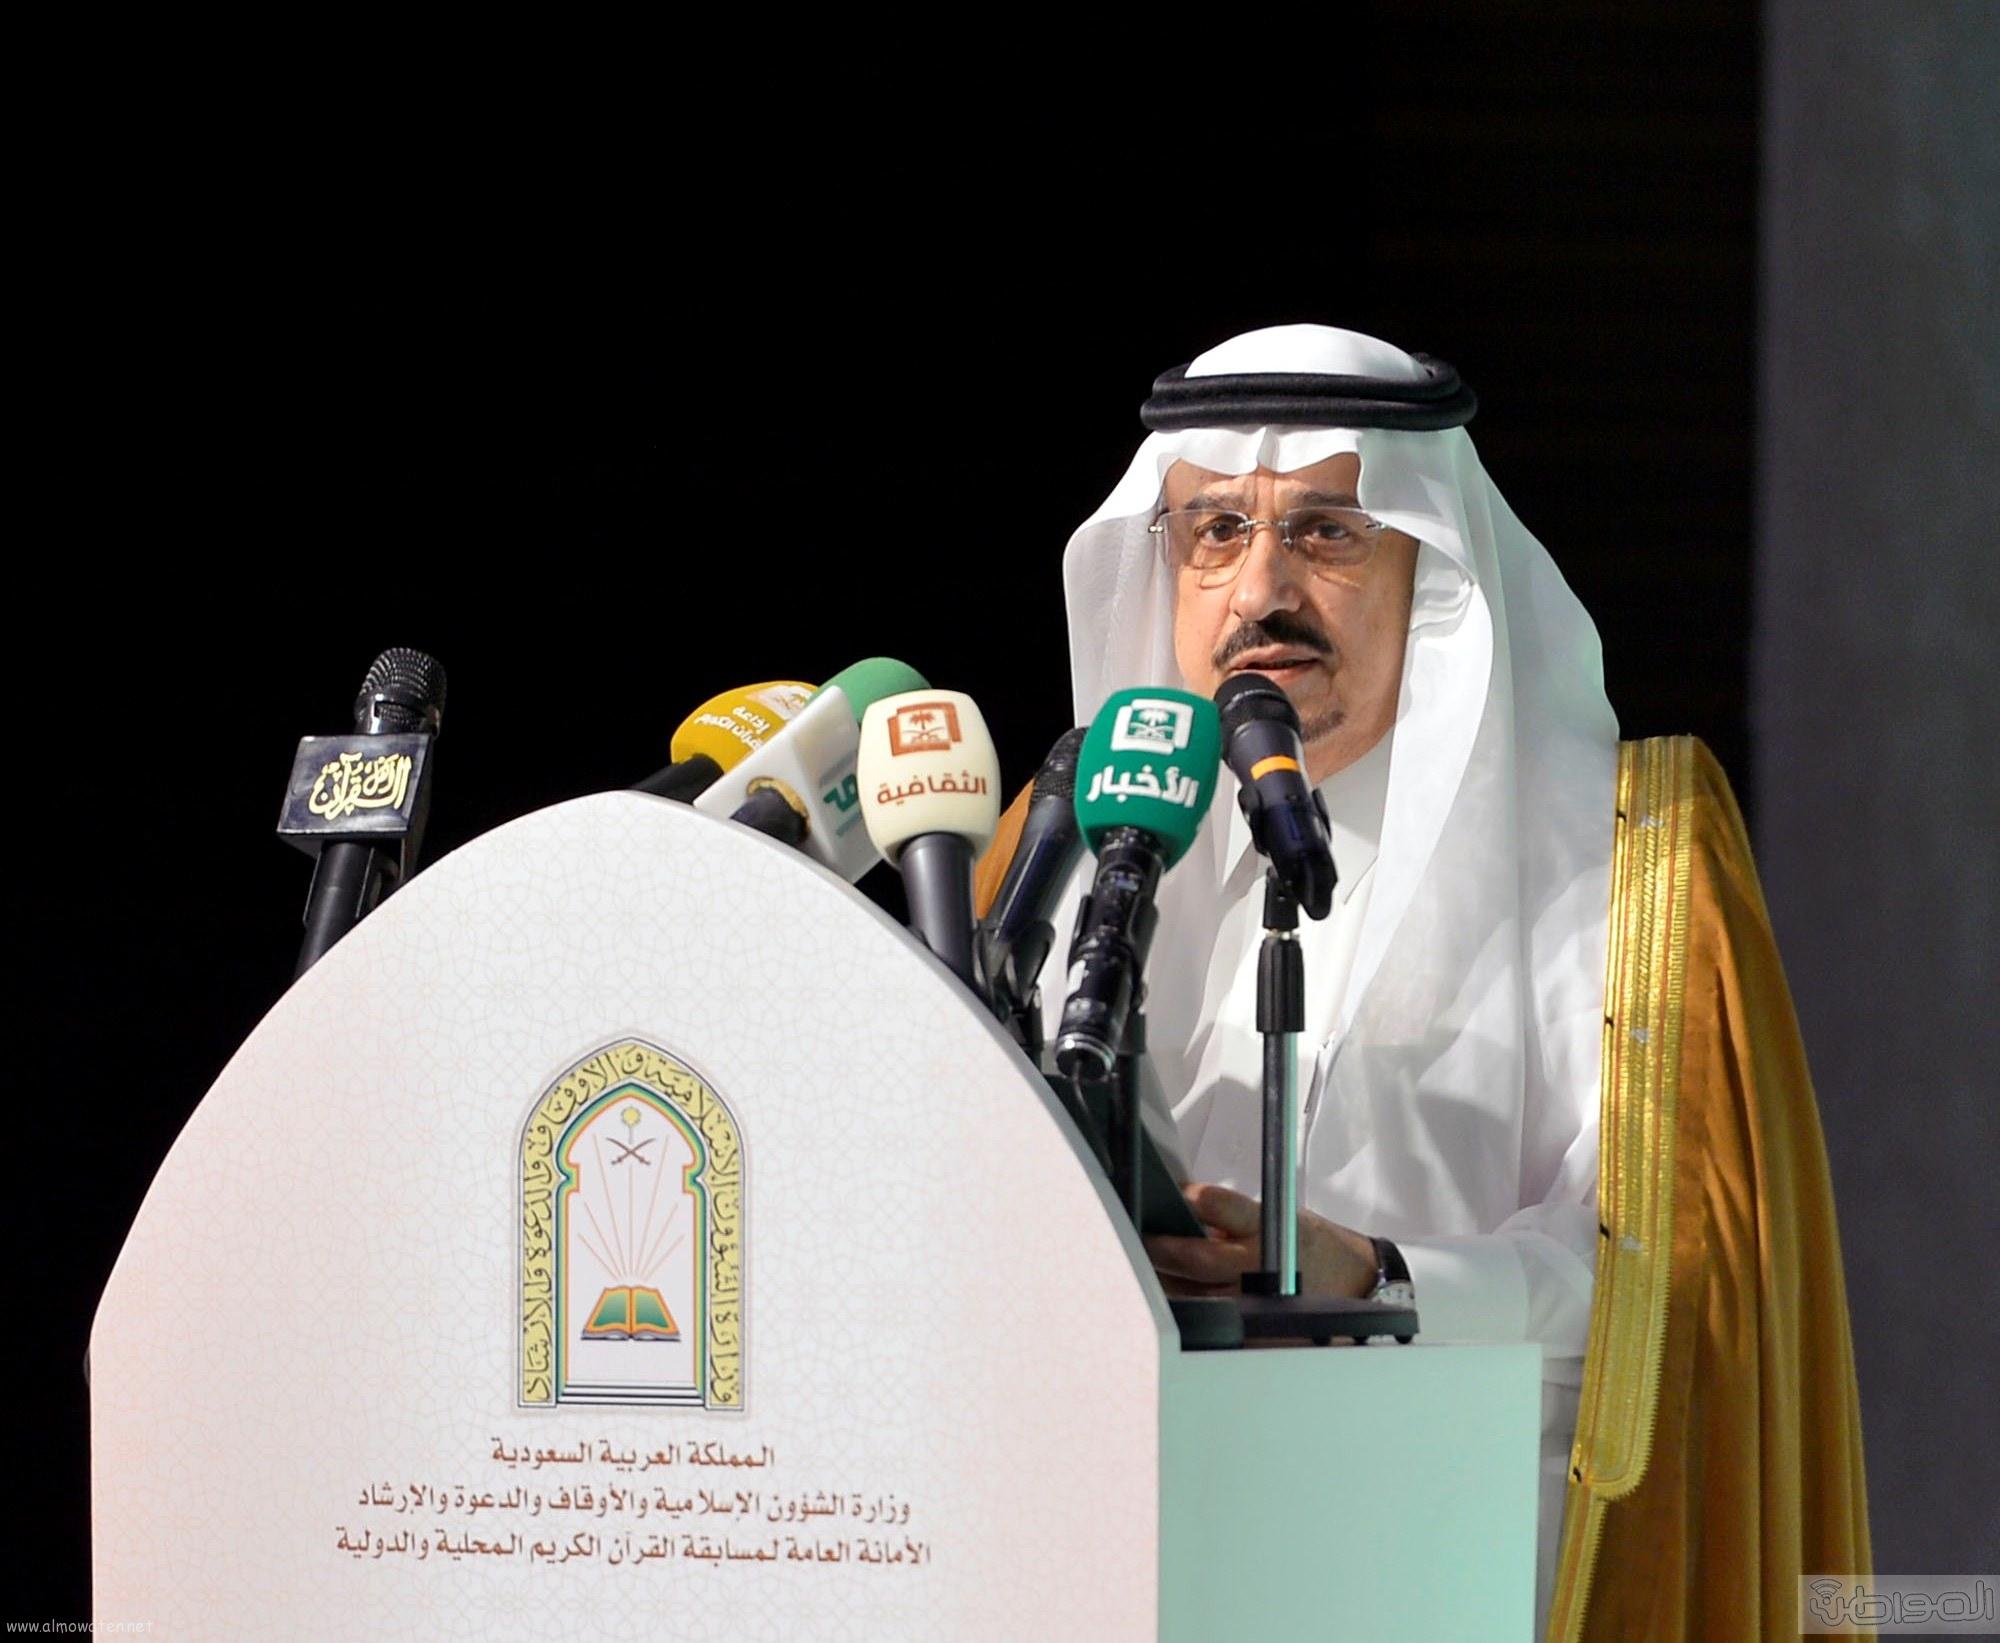 امير منطقة الرياض يرعى حفل اختتام مسابقة جائزة الملك سلمان لحفظ القران الكريم (19)